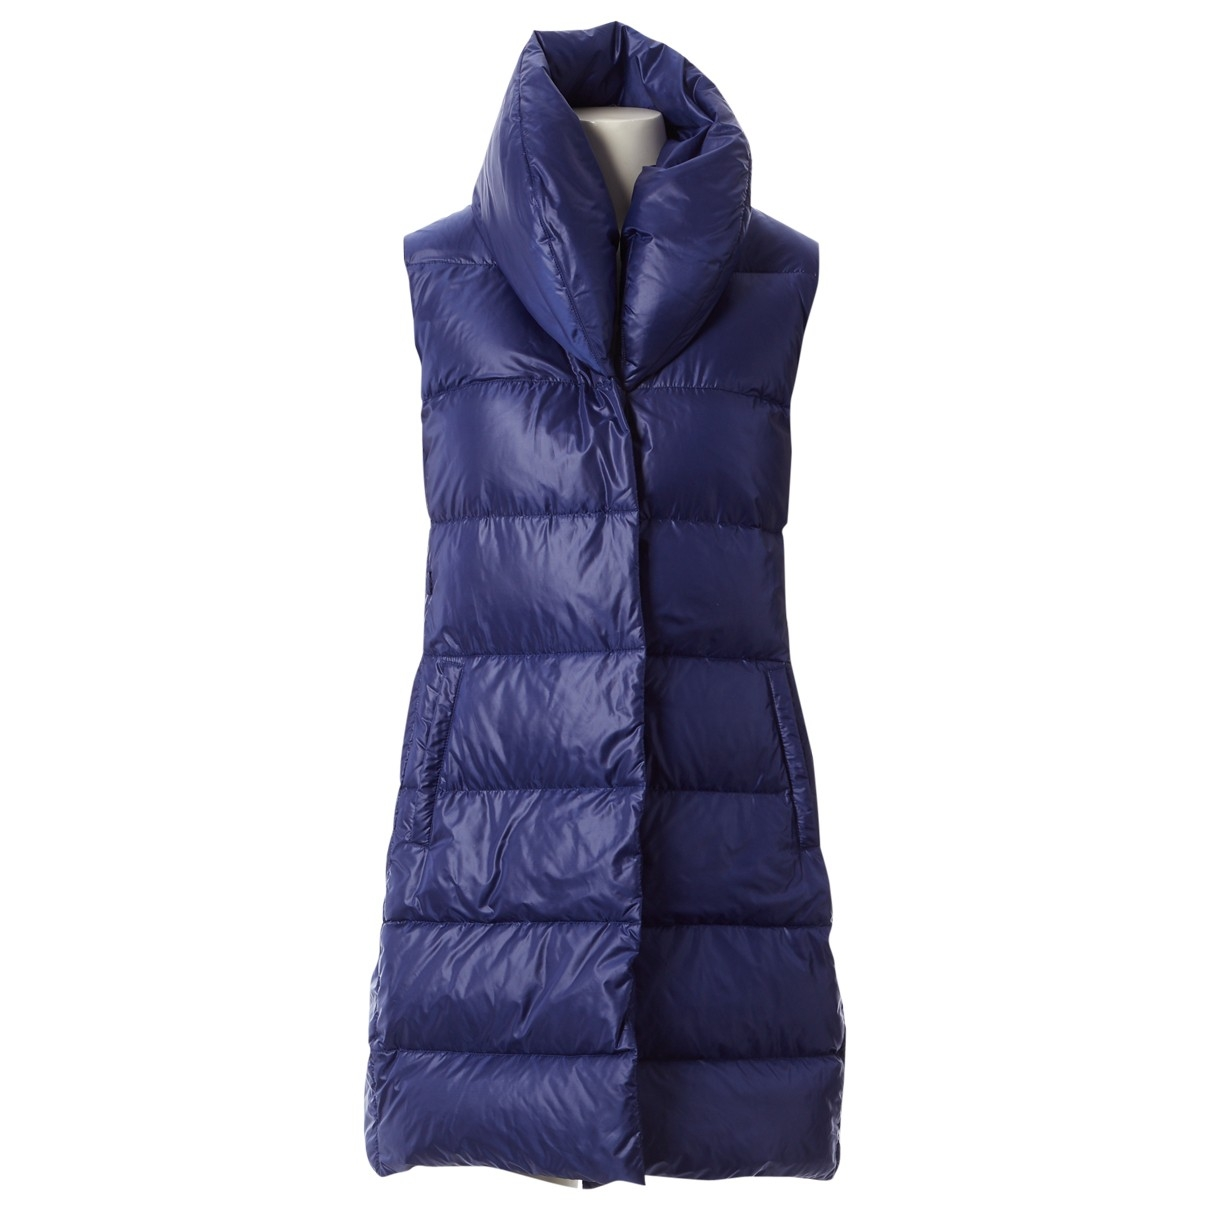 Ermanno Scervino \N Blue jacket for Women 38 IT